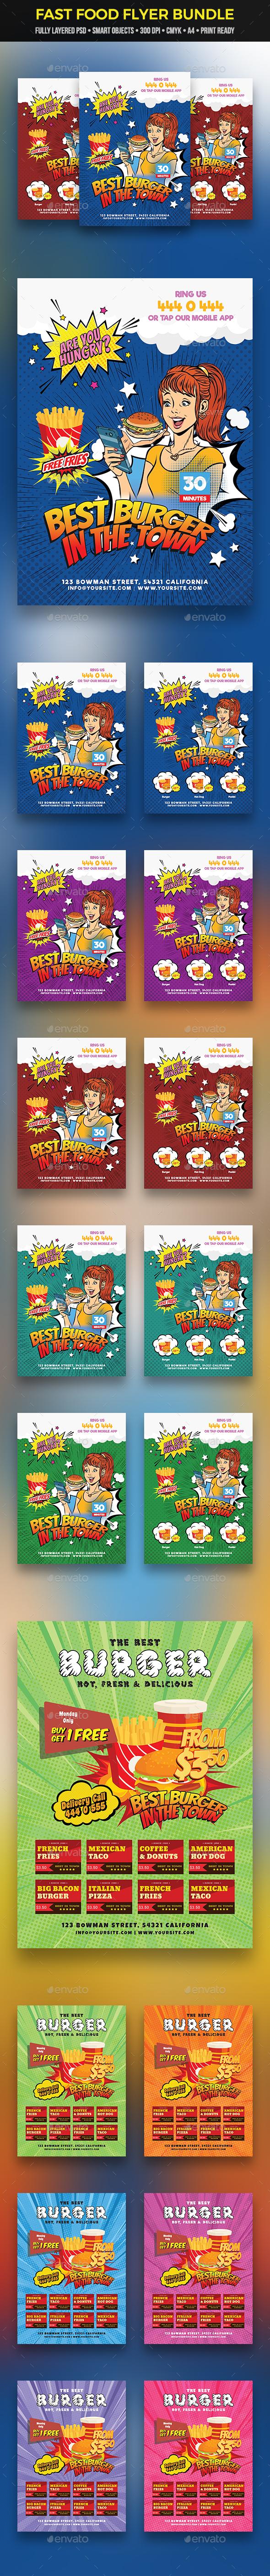 GraphicRiver Fast Food Flyer Bundle 21053450